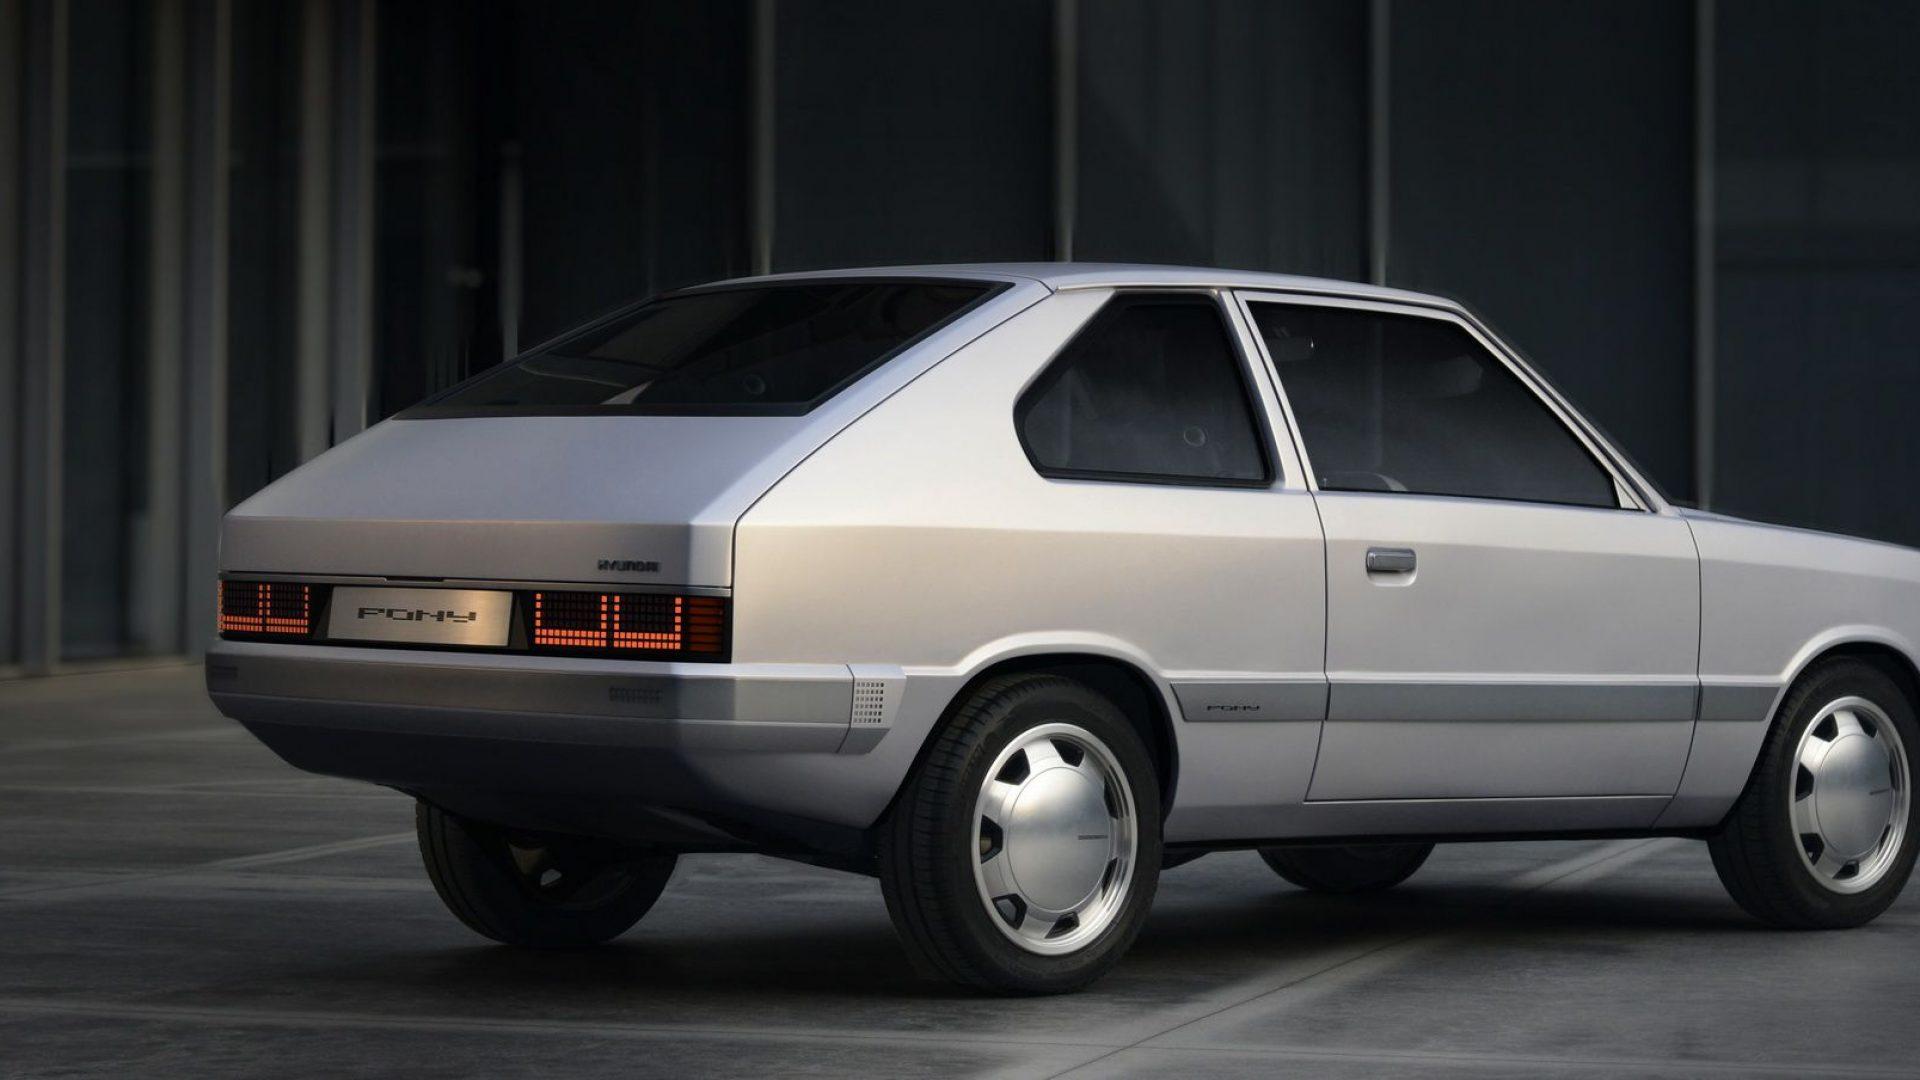 2021-Hyundai-Pony-EV-Show-Car-06